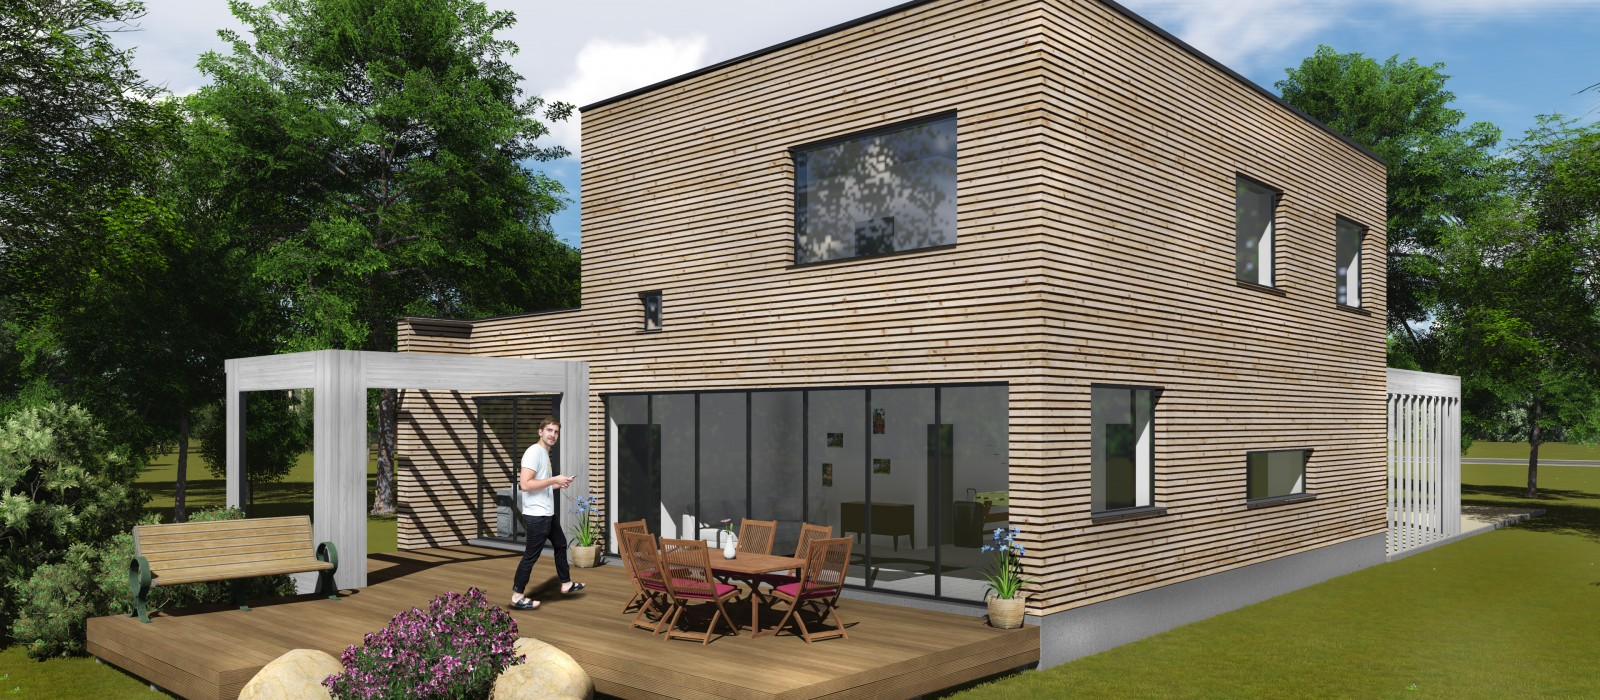 Traditsioonilise joonega + energia maja kliendi ideed meie teostus!